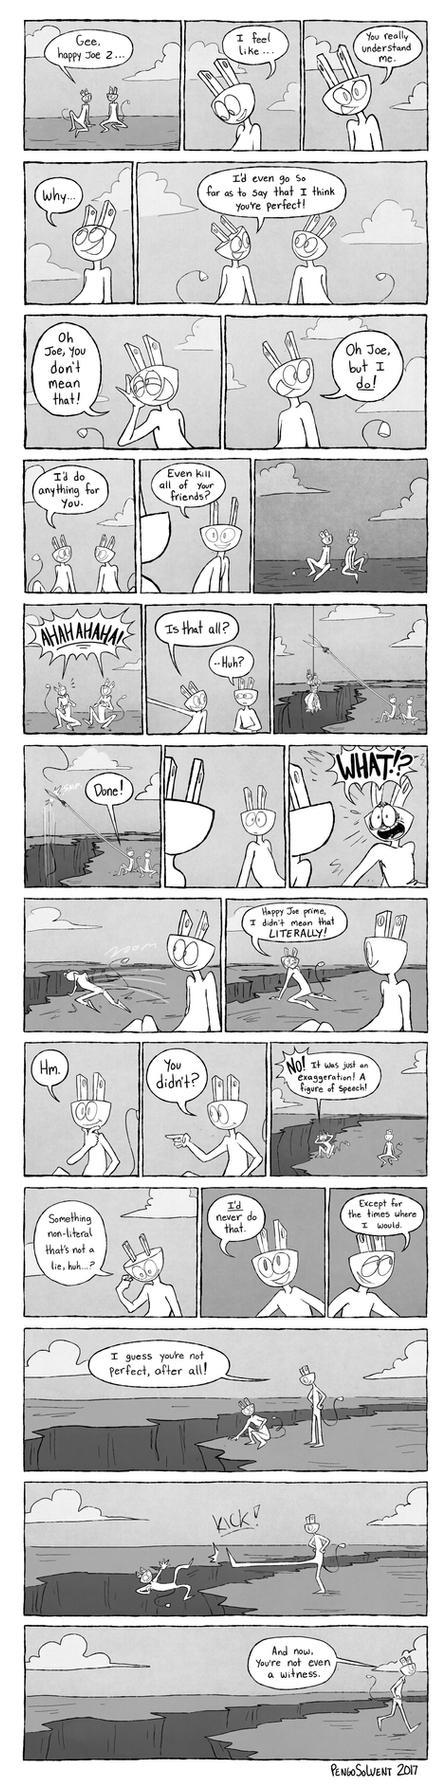 Happy Joe 2 Comic by pengosolvent